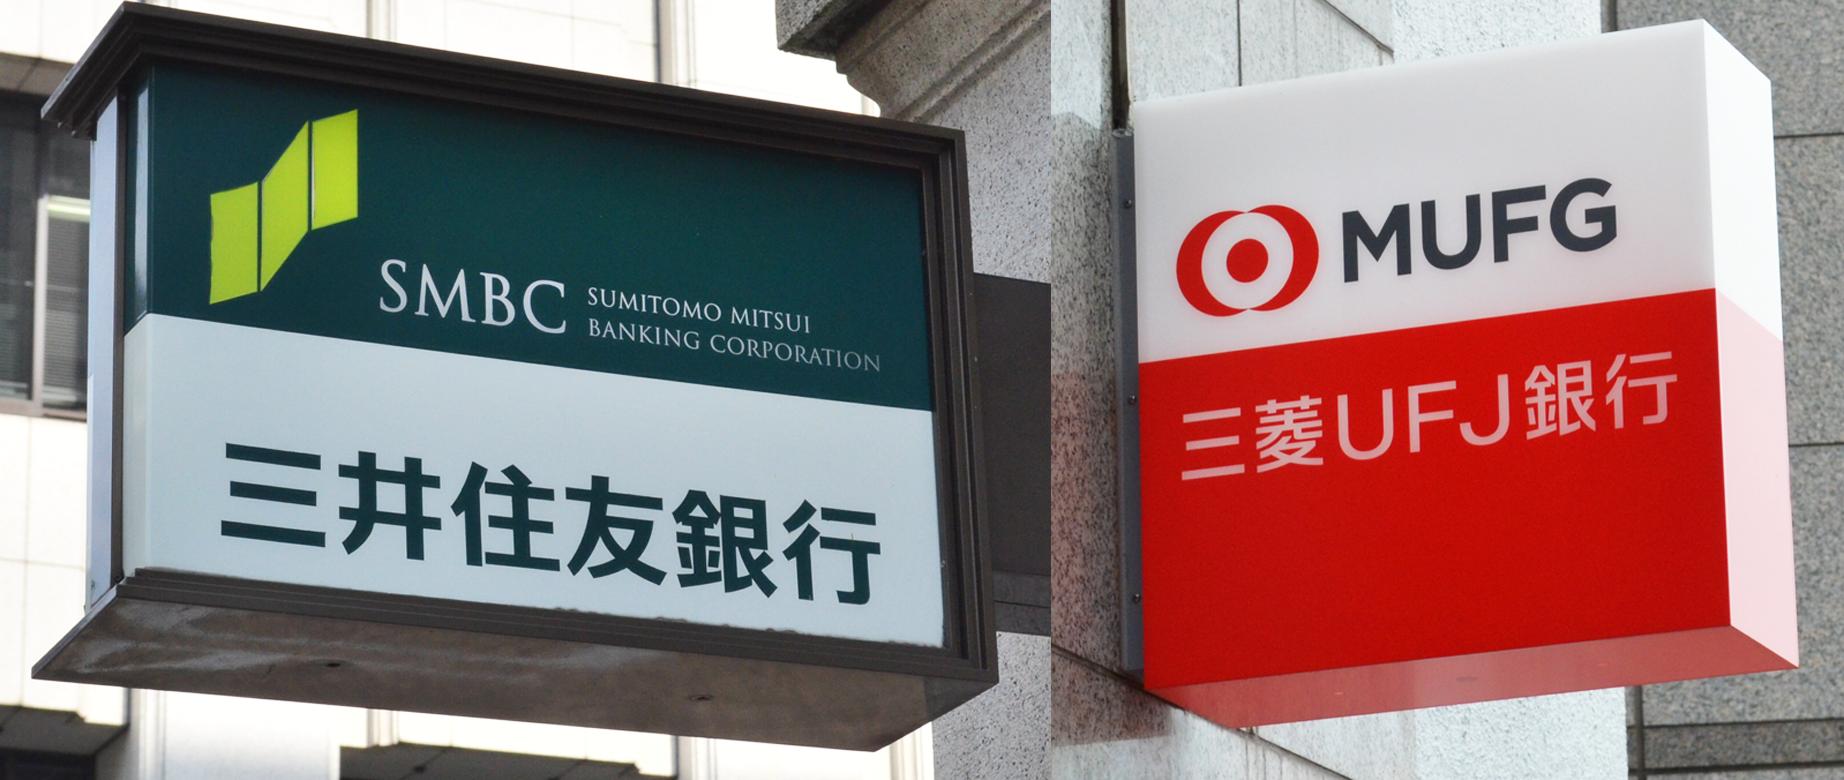 2018年6月29日号4面 税公金ATMが急拡大、三菱UFJ銀行・近く200カ店超え